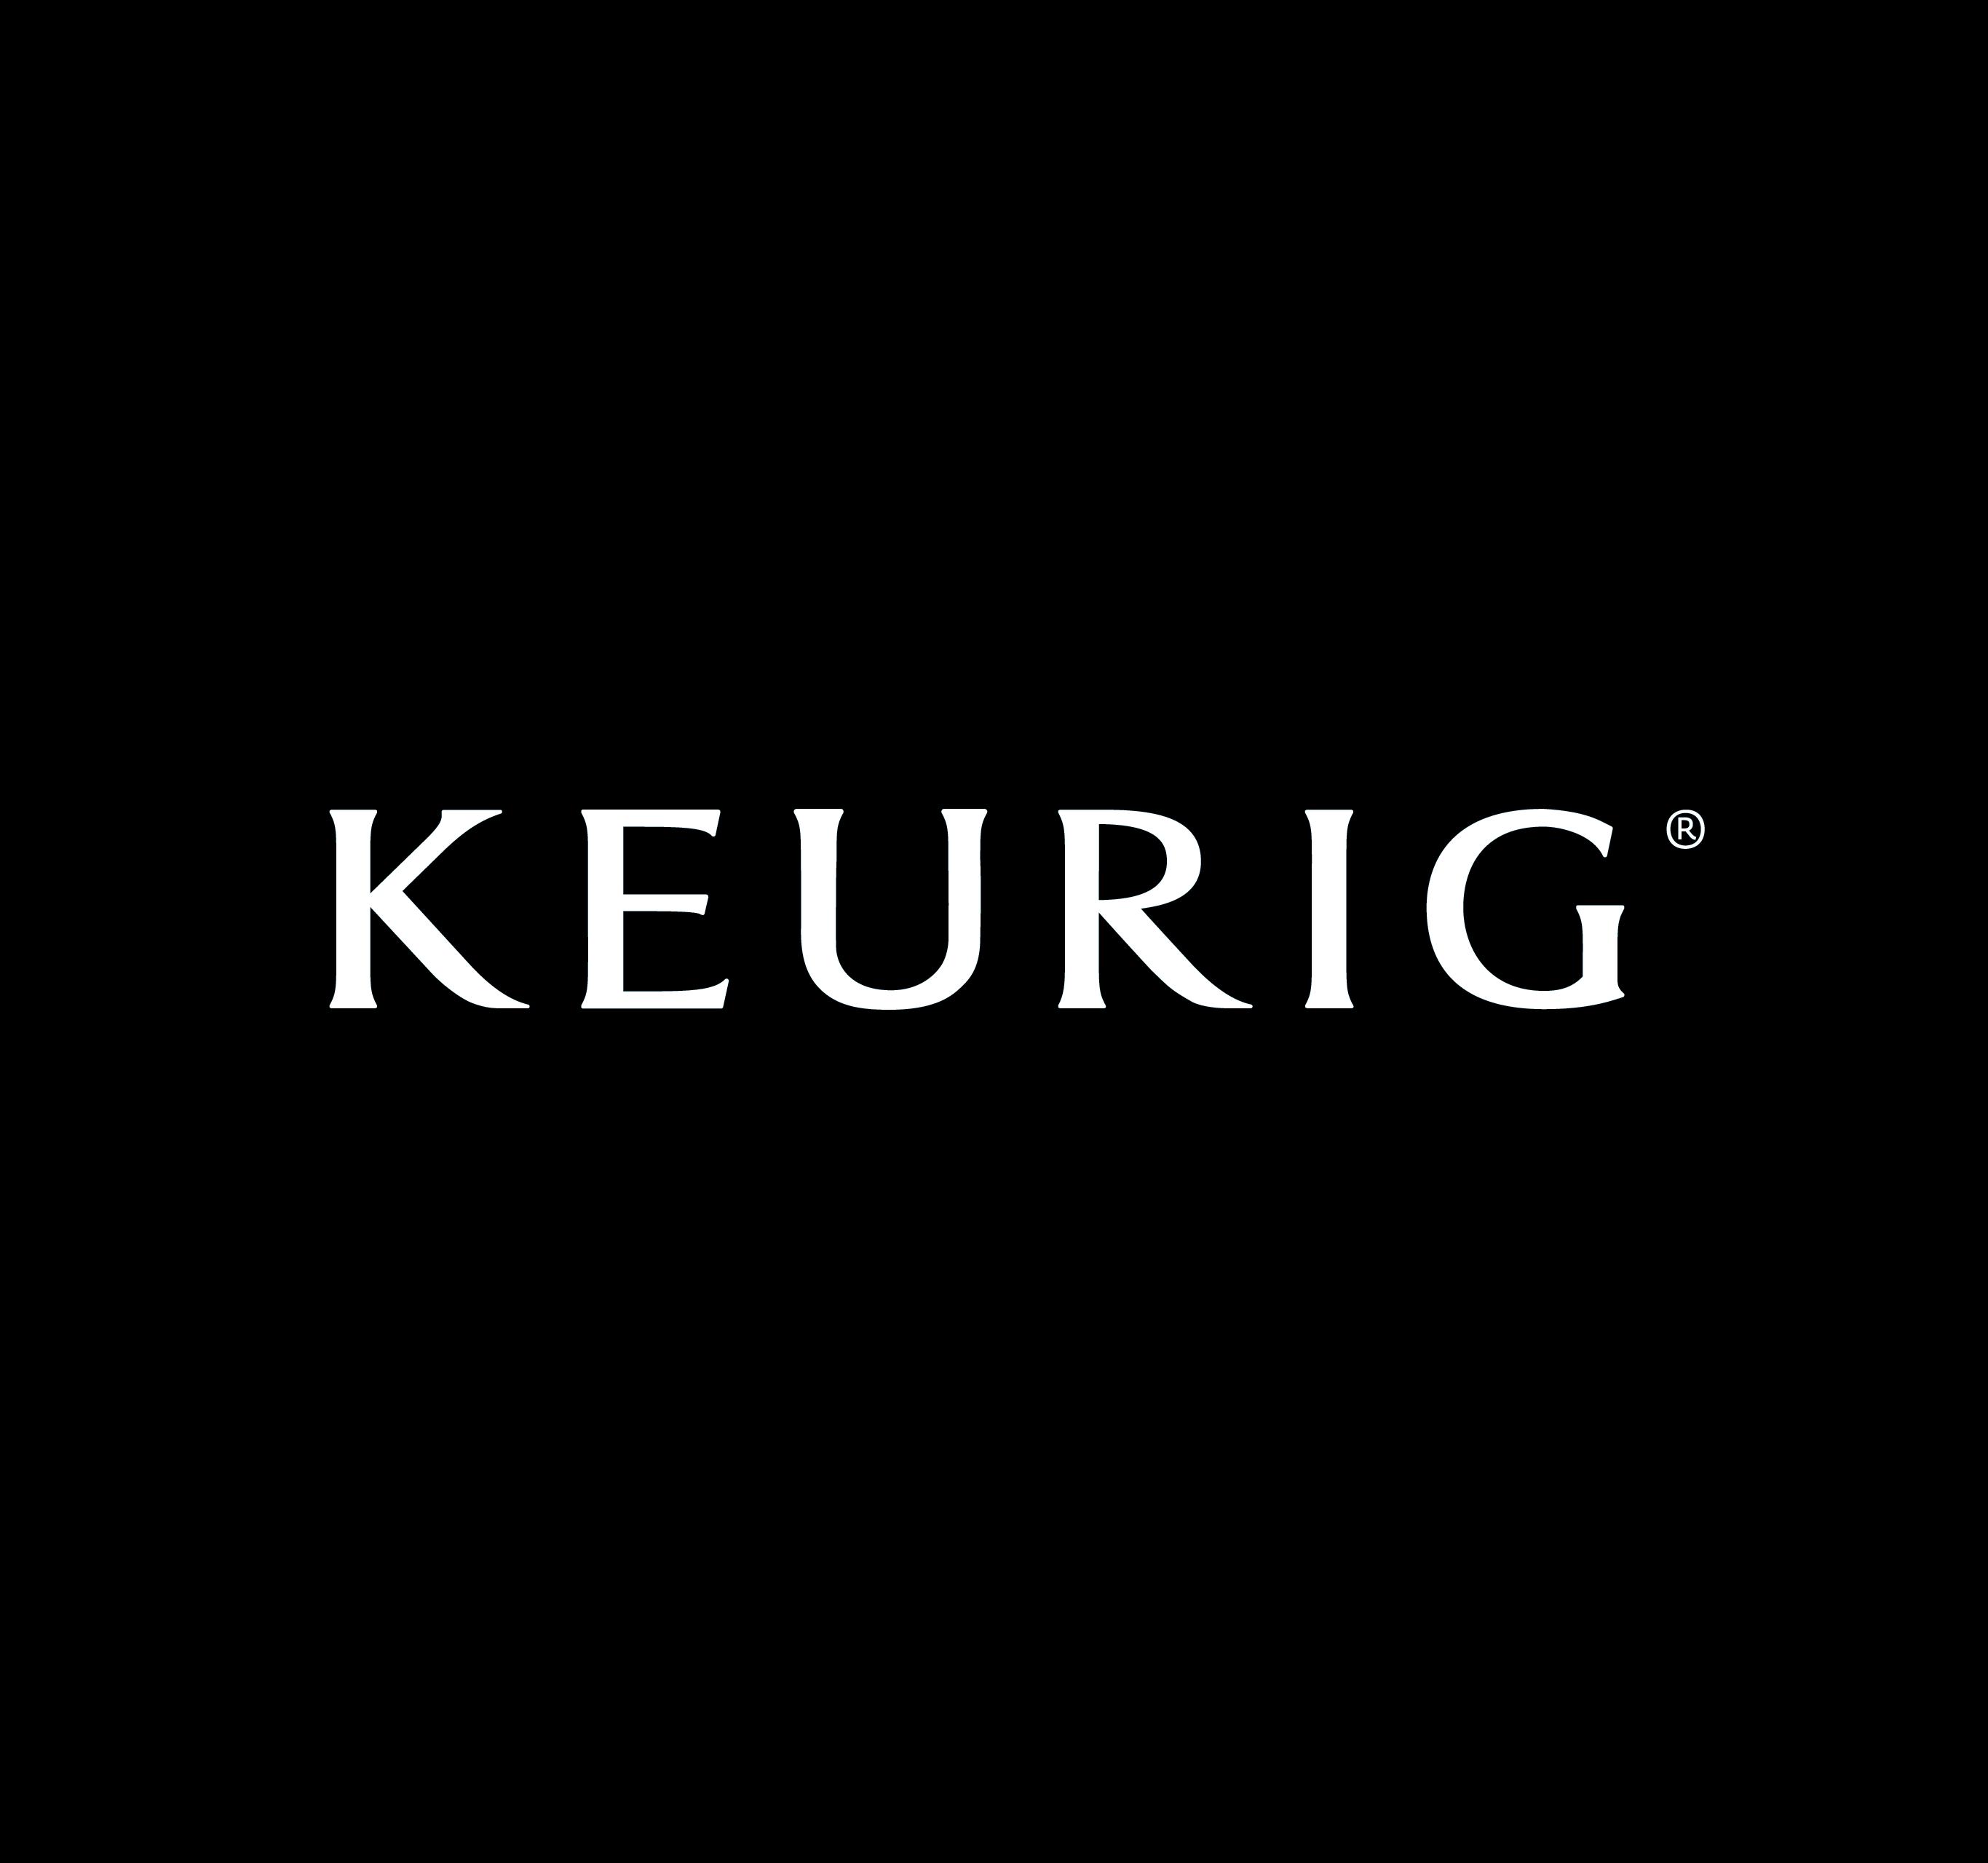 File:Keurig Logo.png.